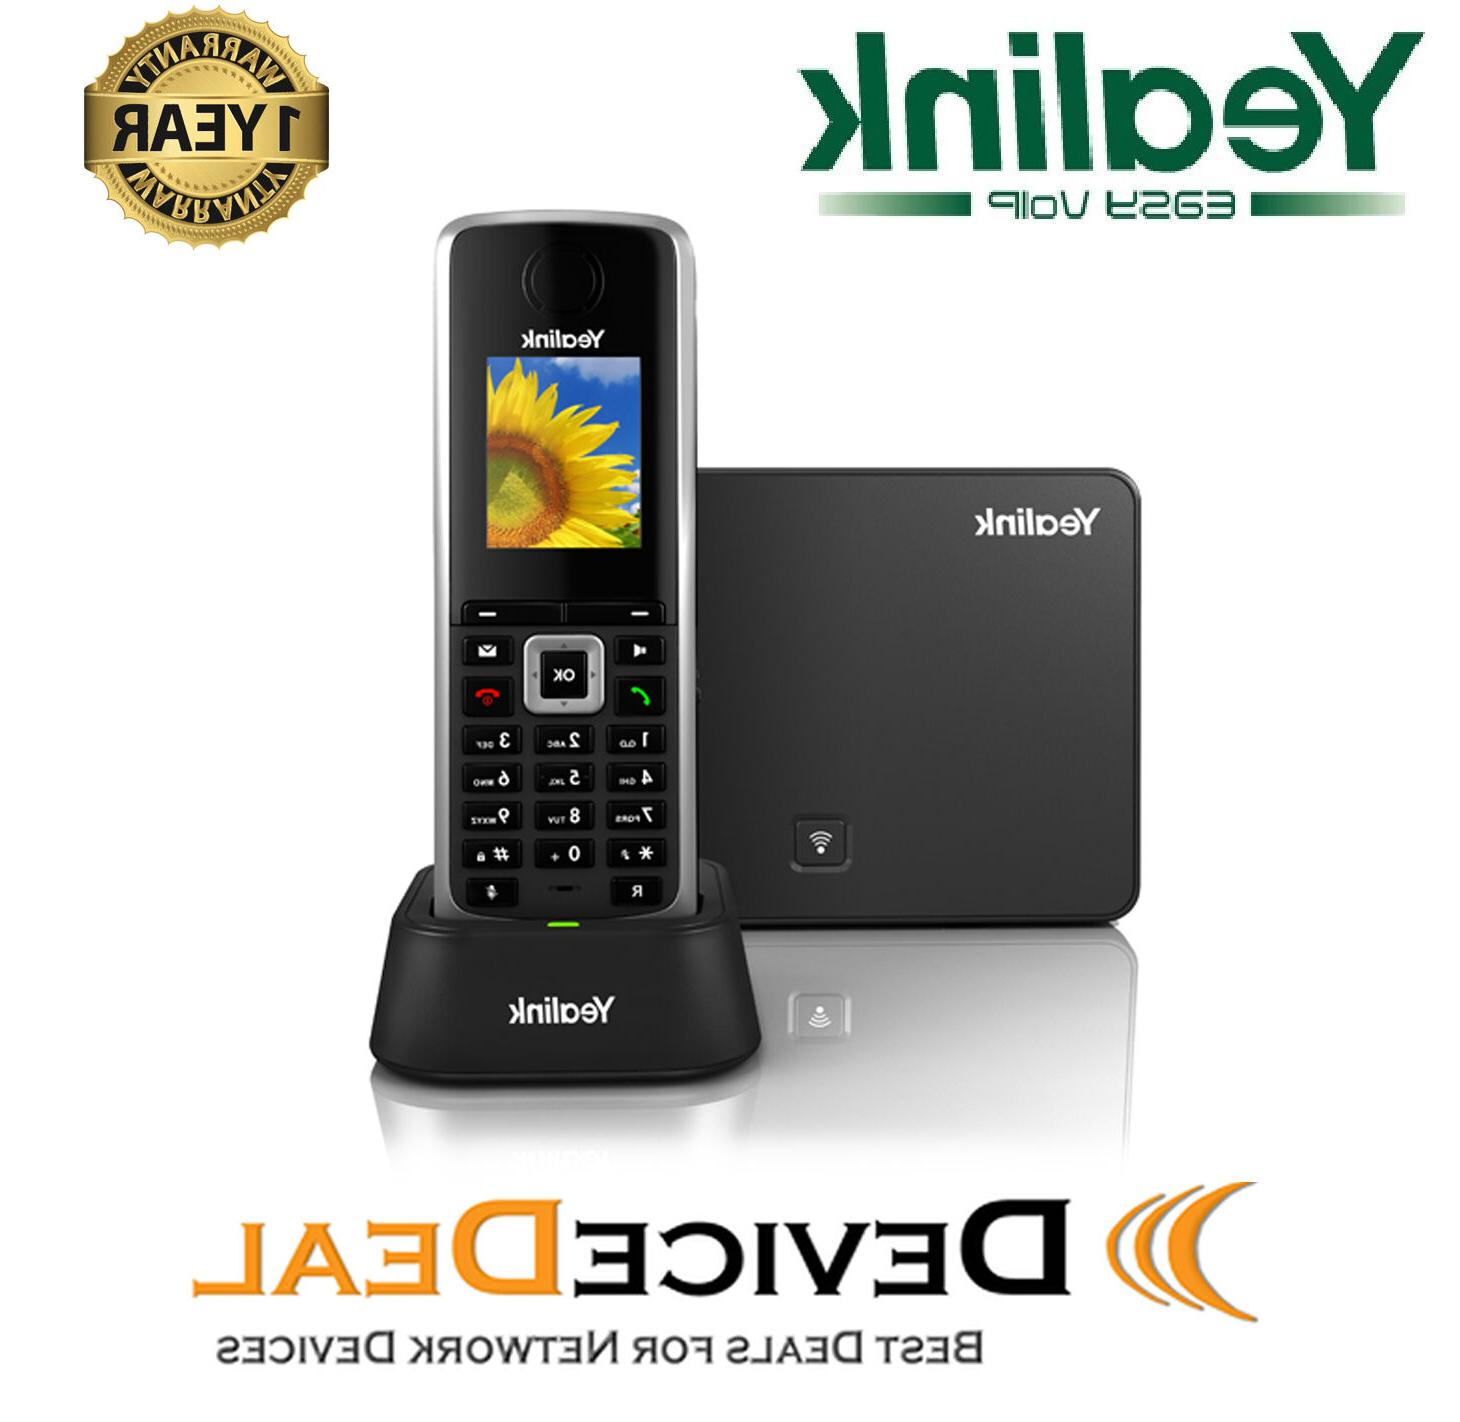 Yealink Wireless HD Business VOIP SIP